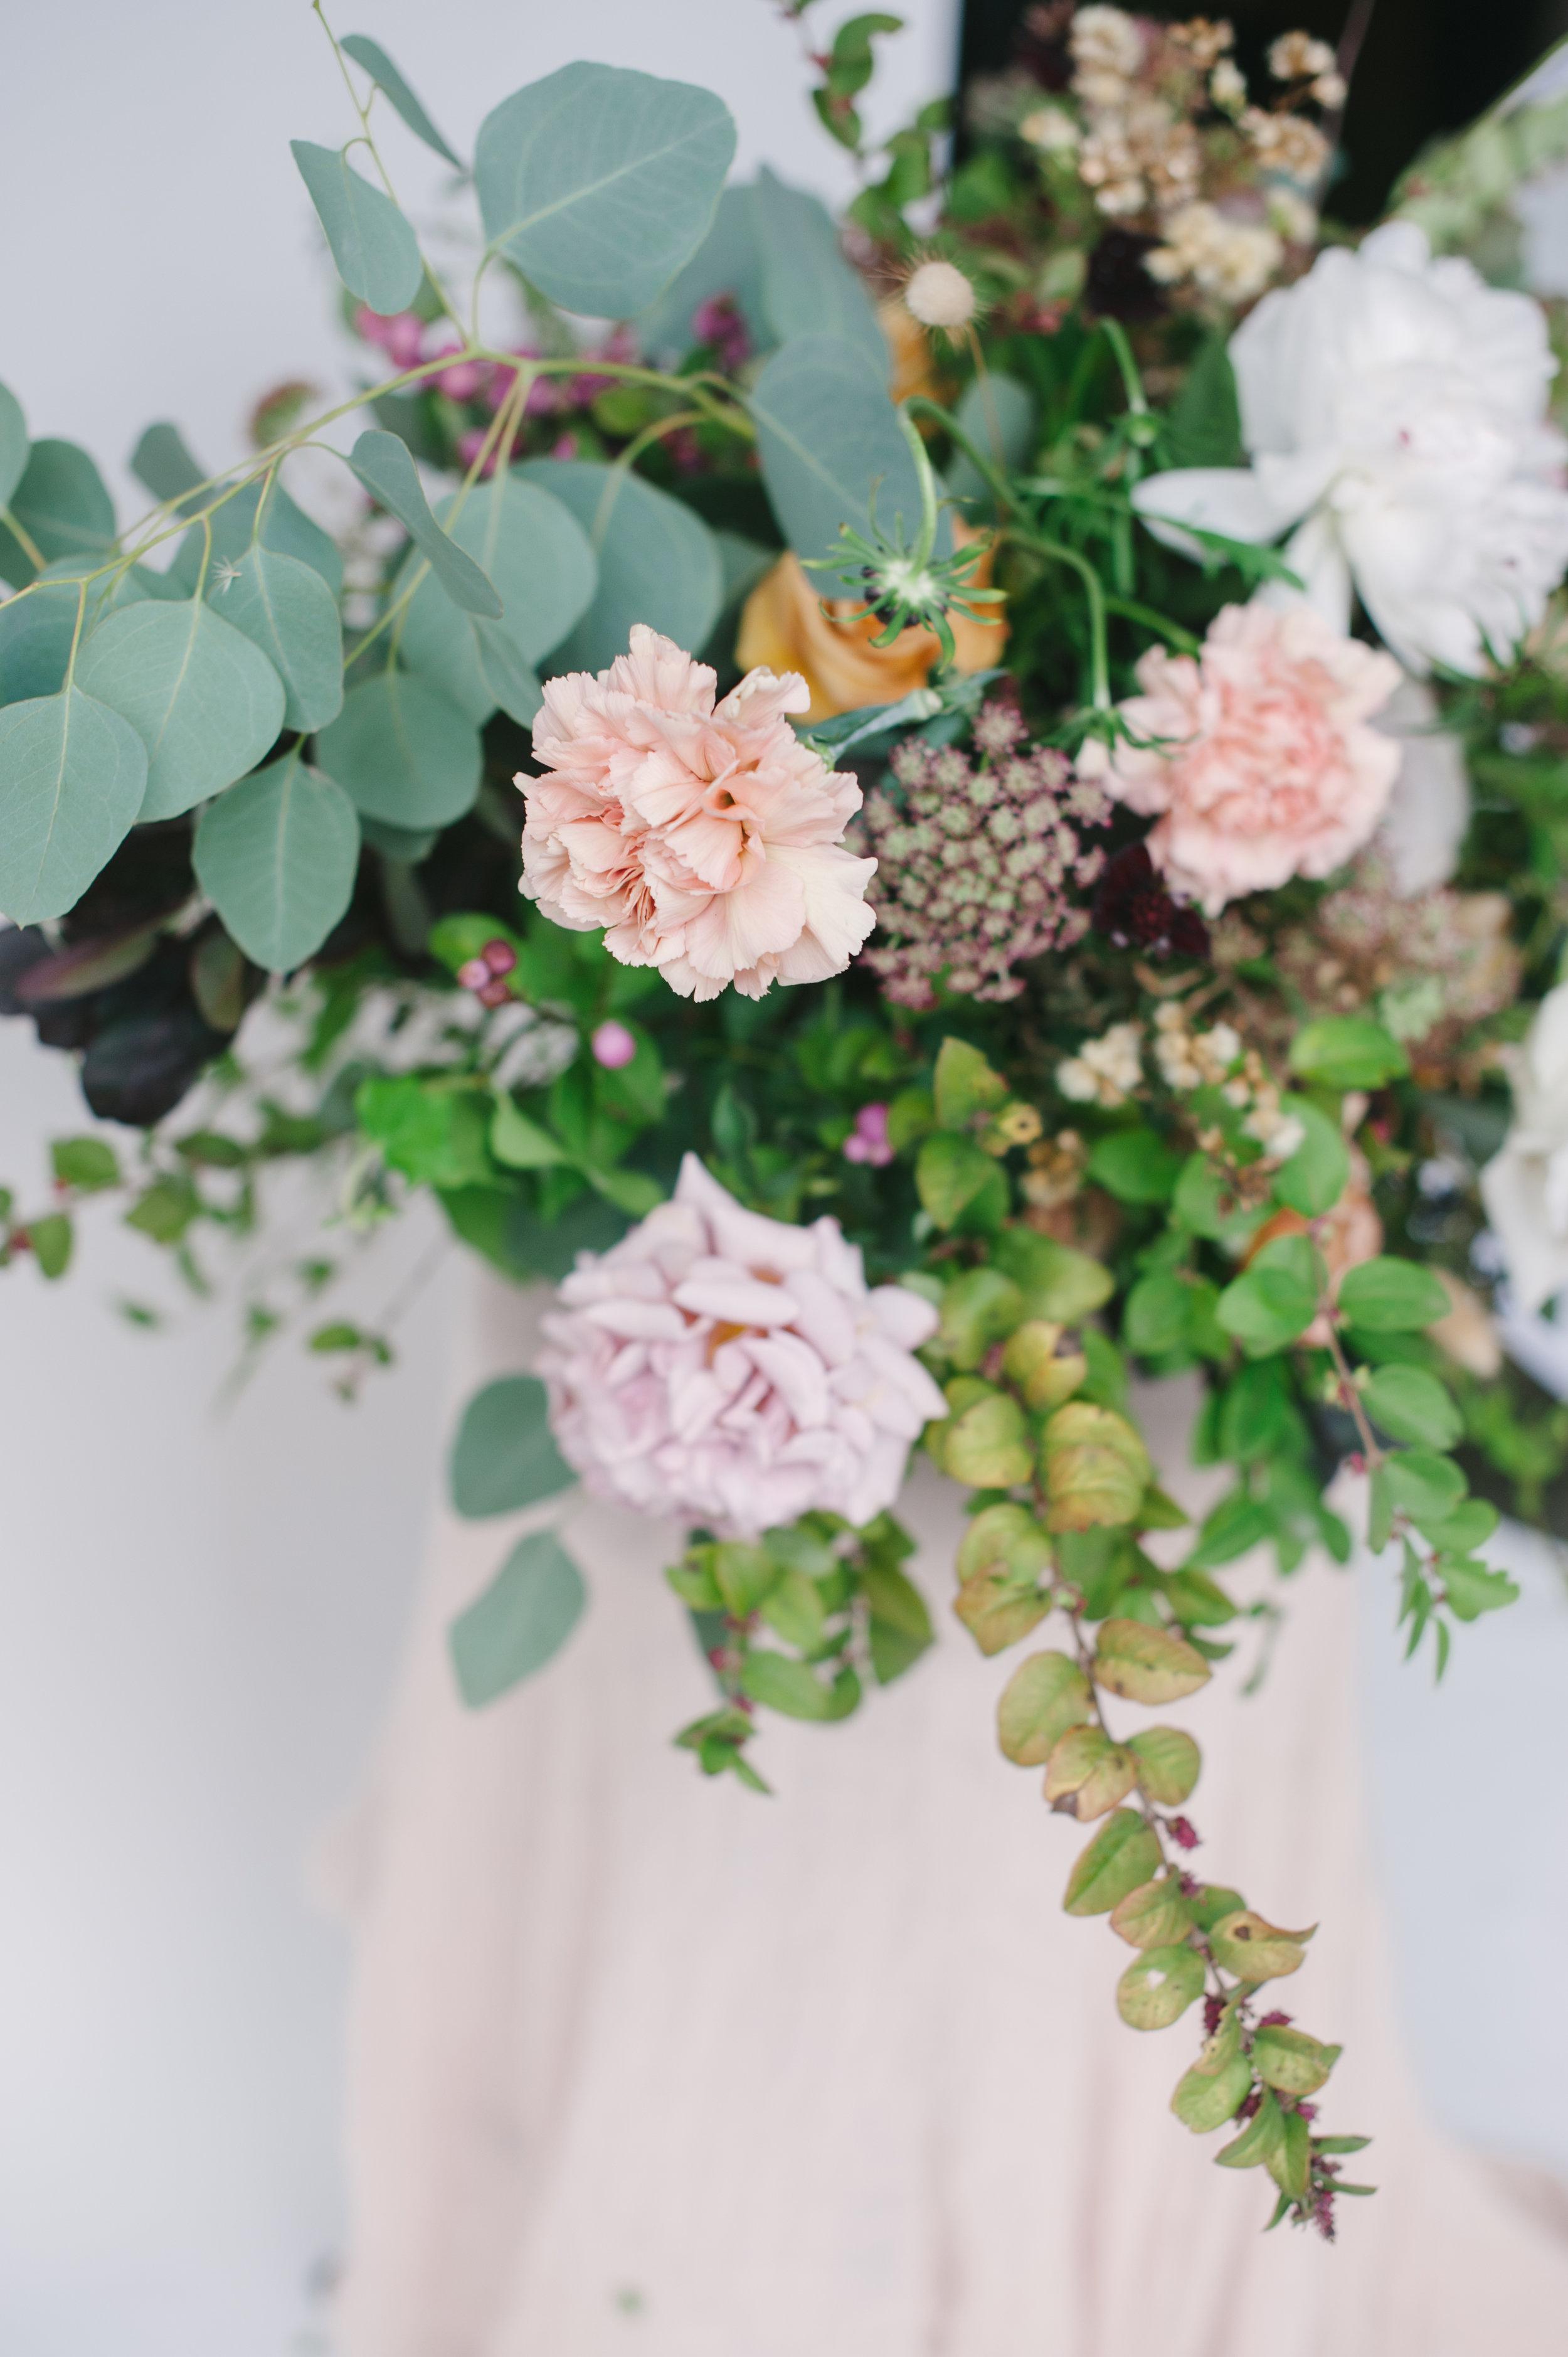 siren-floral-co-plenty-of-petals-romantik-floral-centerpiece-workshop-6.jpg